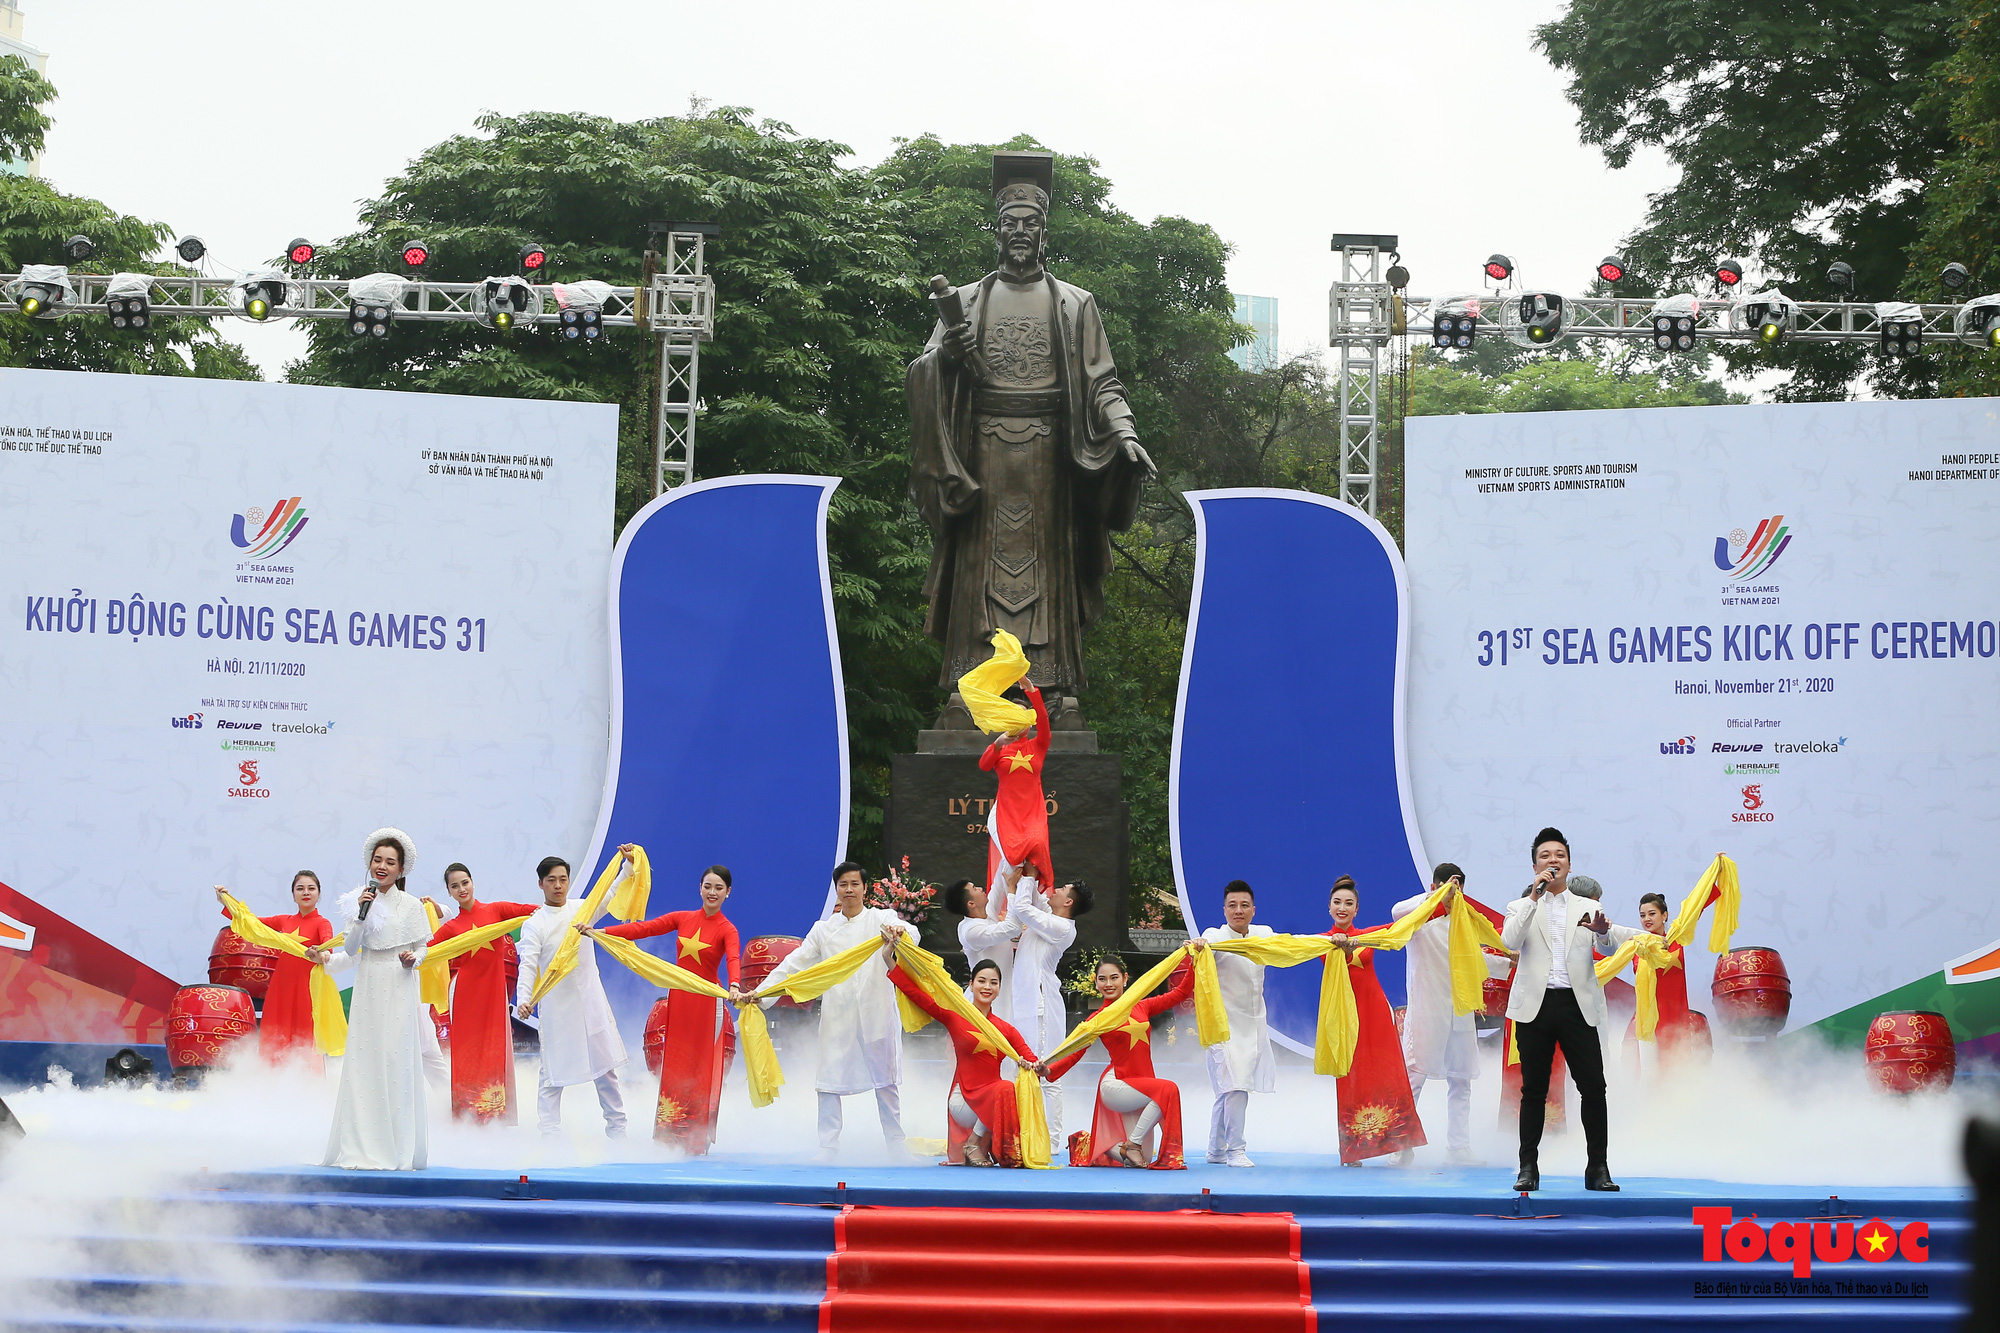 in thể thao tuần qua đáng chú ý - Việt Nam đã sẵn sàng tham gia SEA Games - tin thể thao tuần qua